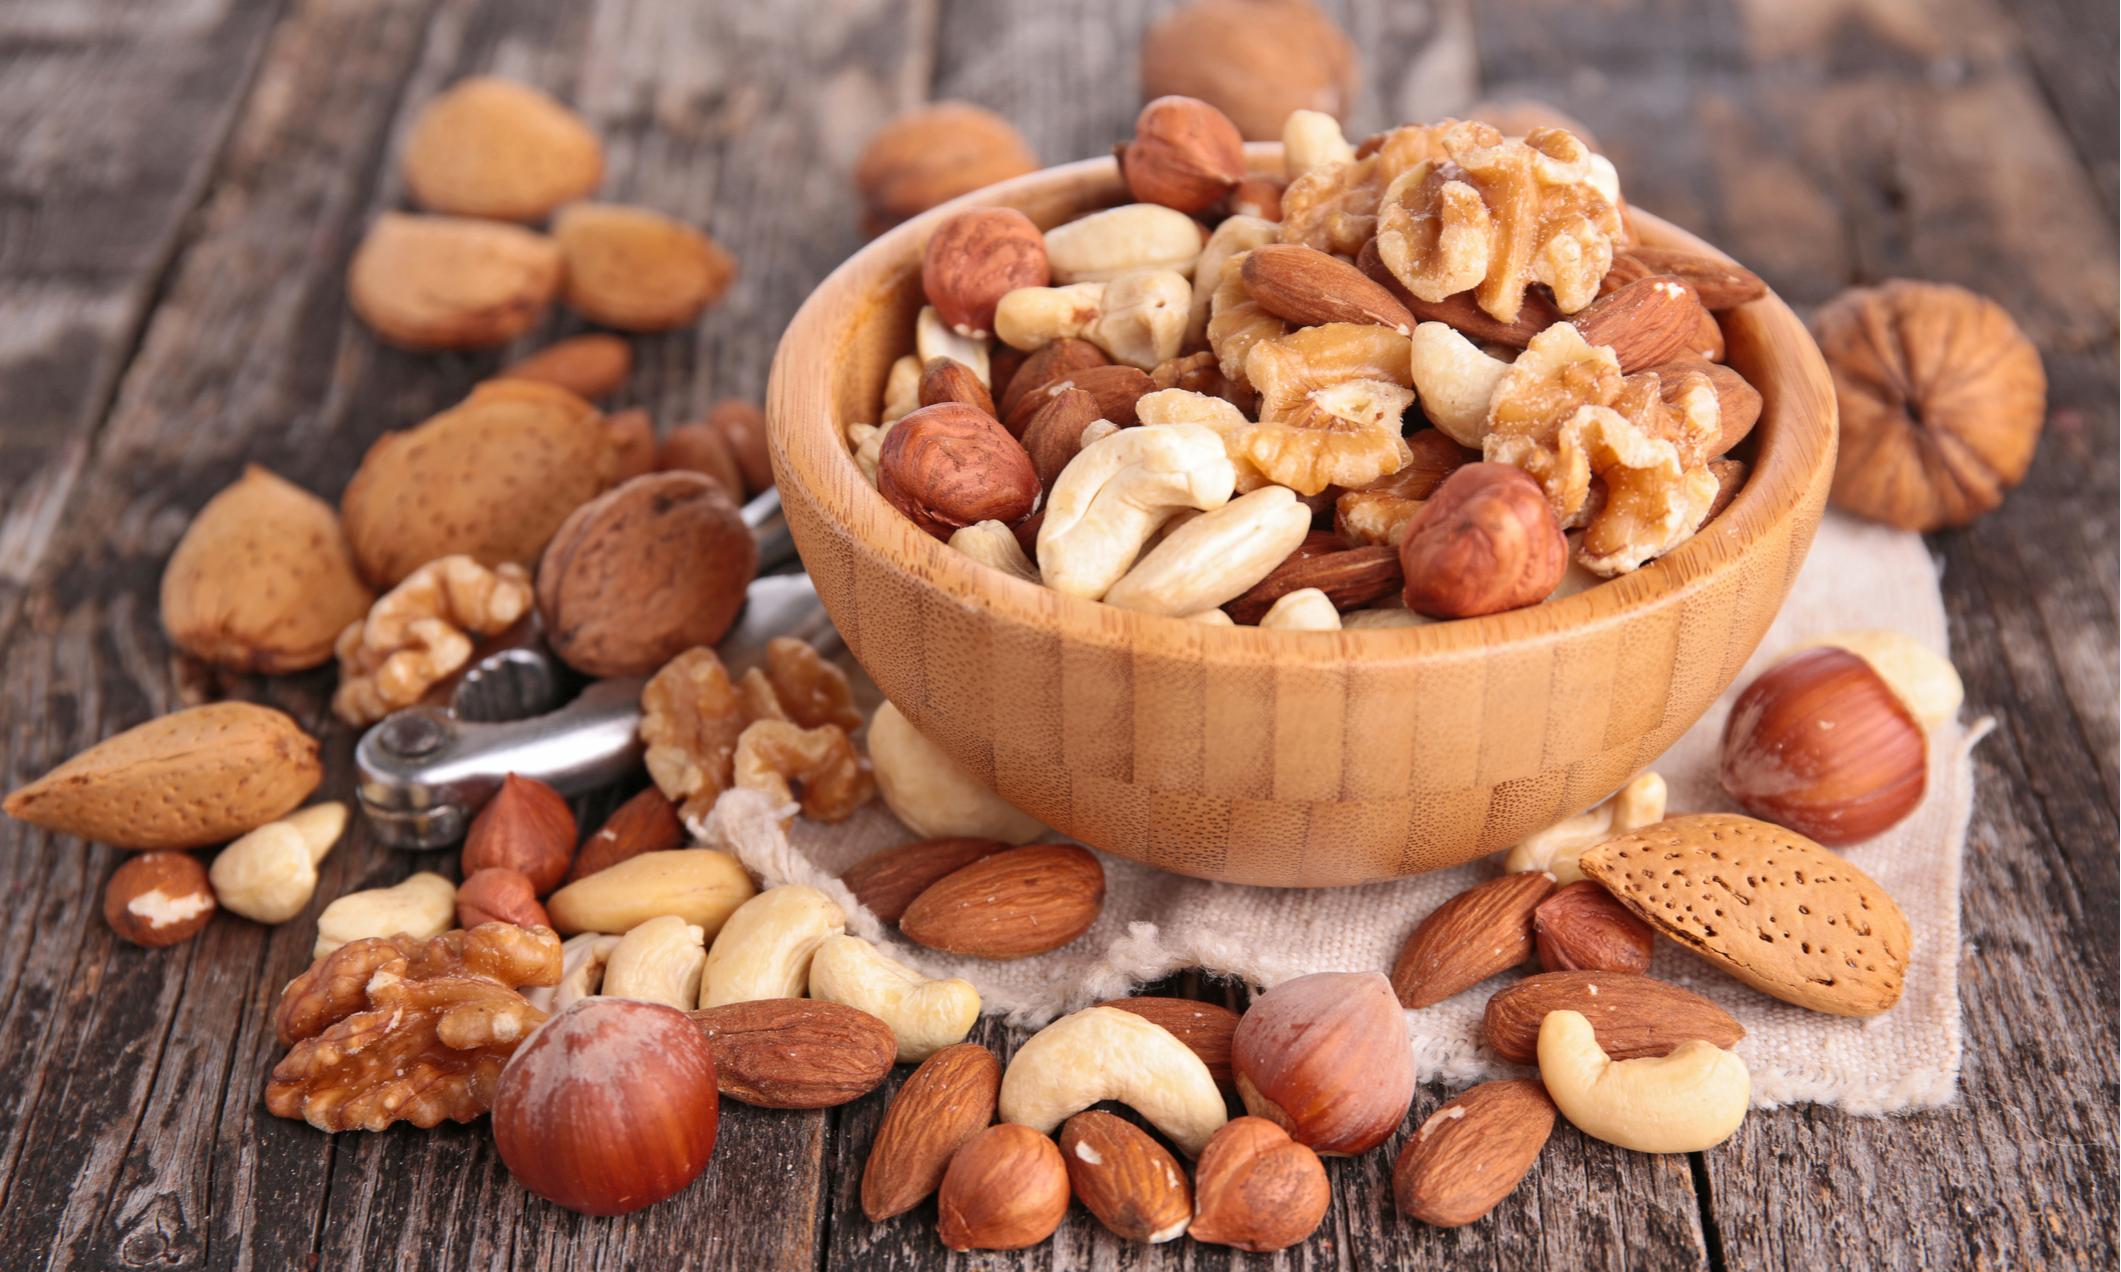 Можно ли поправиться (потолстеть) от орехов - орех эксперт